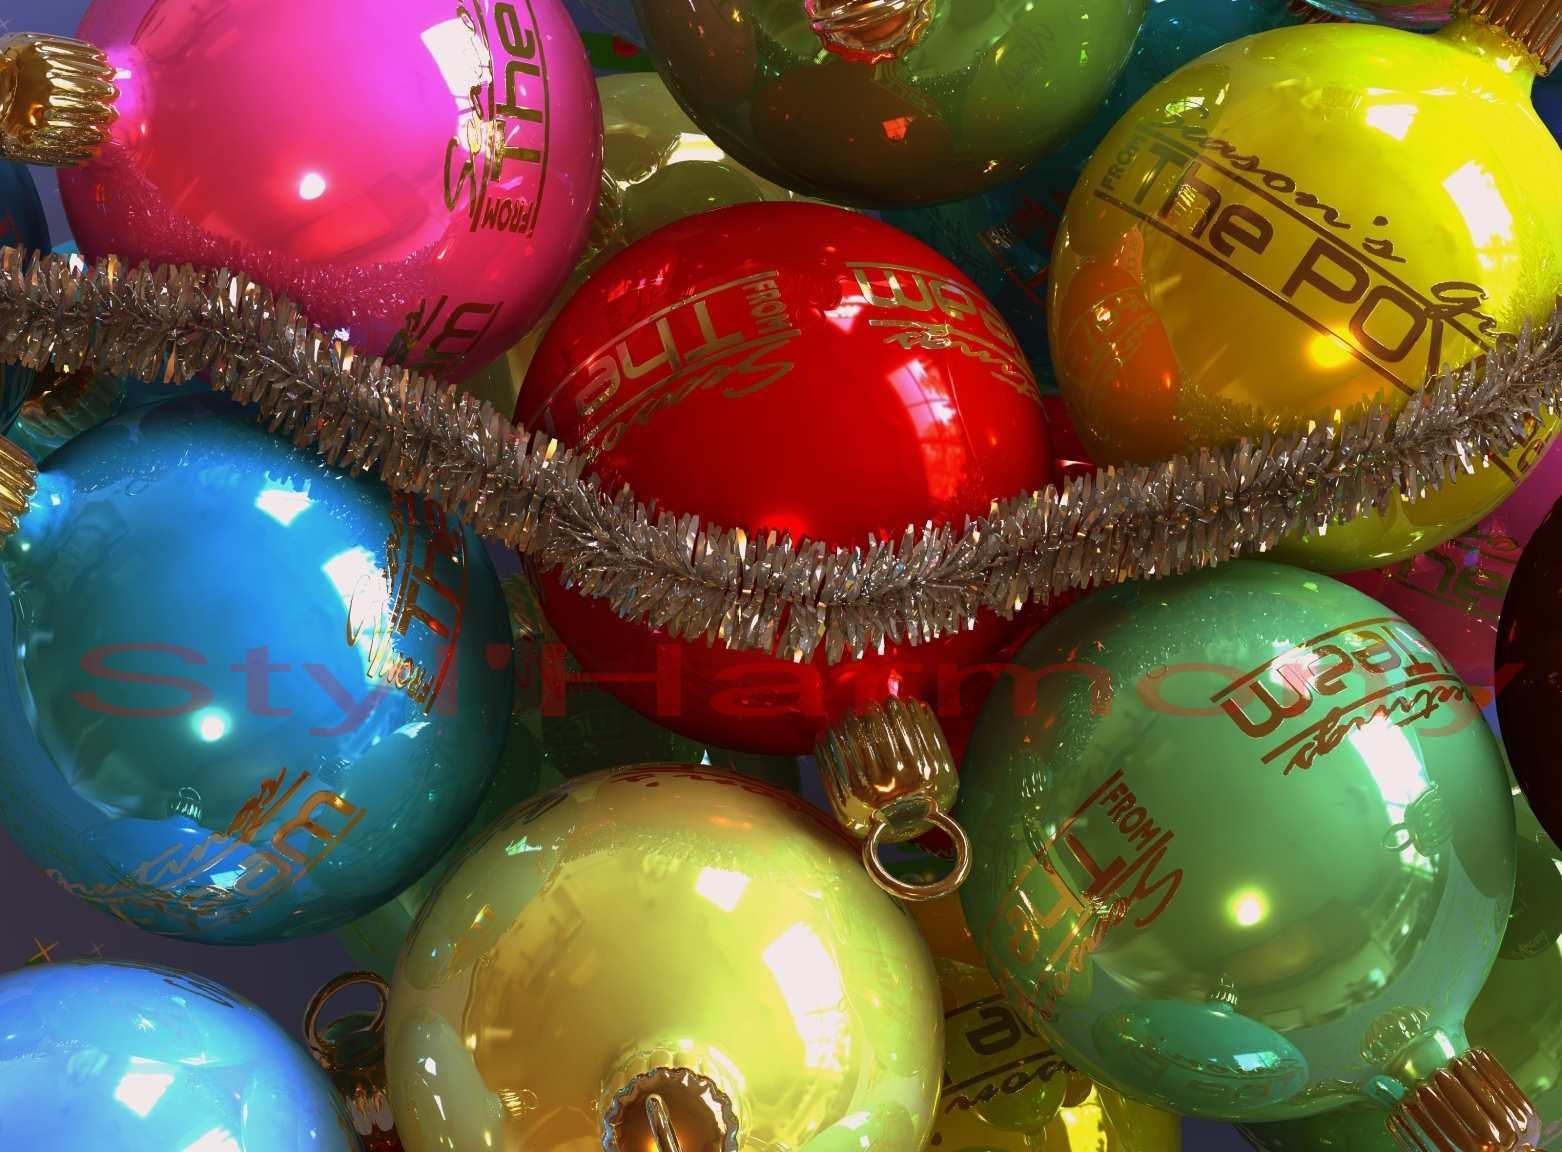 Des boules de Noël pour décorer le sapin.